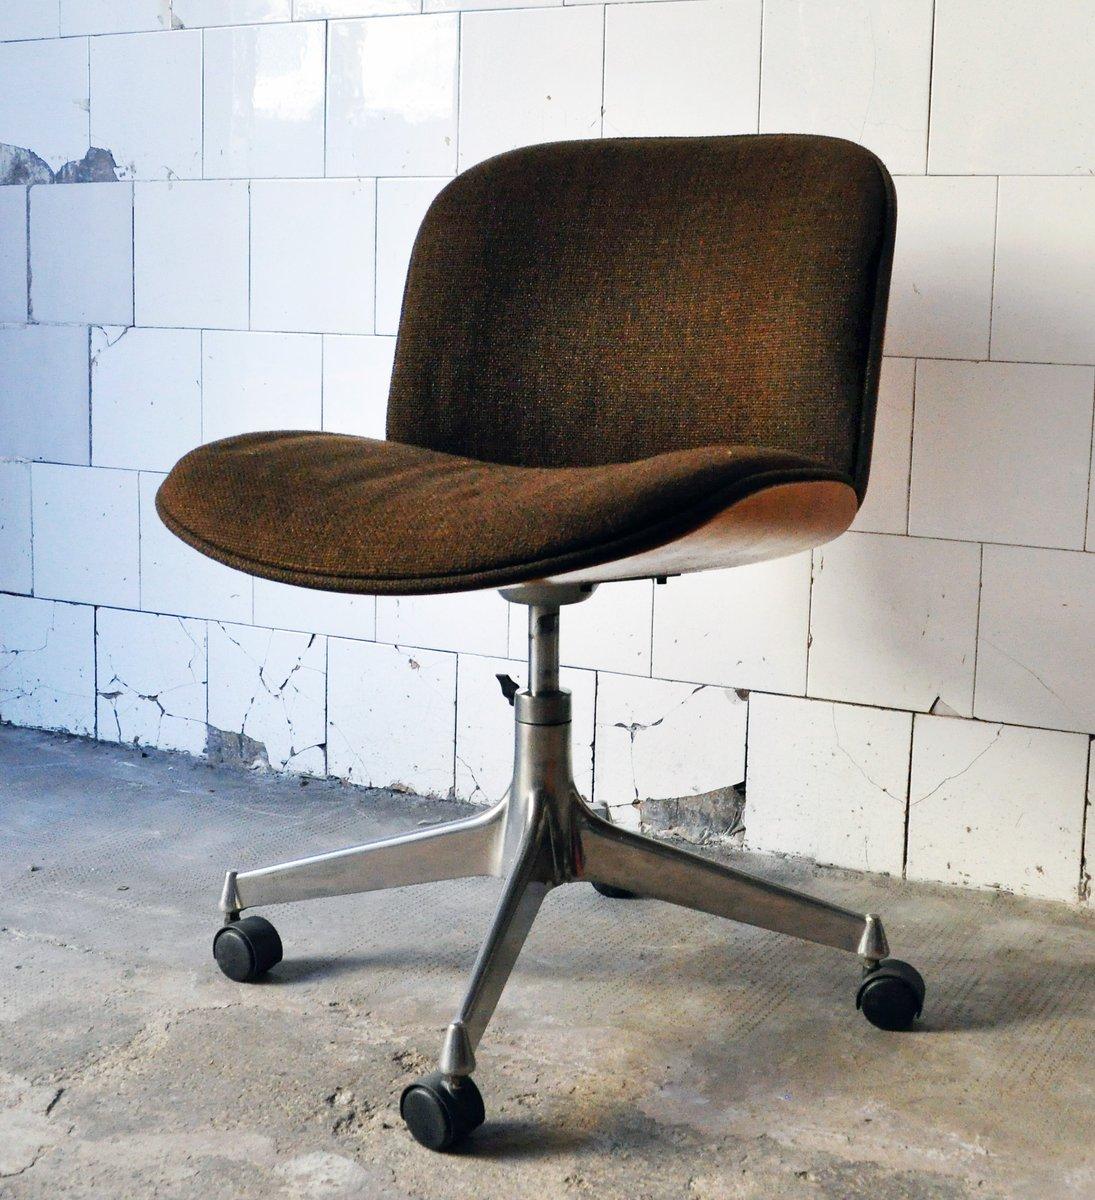 Sedie da ufficio mid century di ico parisi per mim design set di 4 in vendita su pamono - Sedie girevoli da ufficio ...